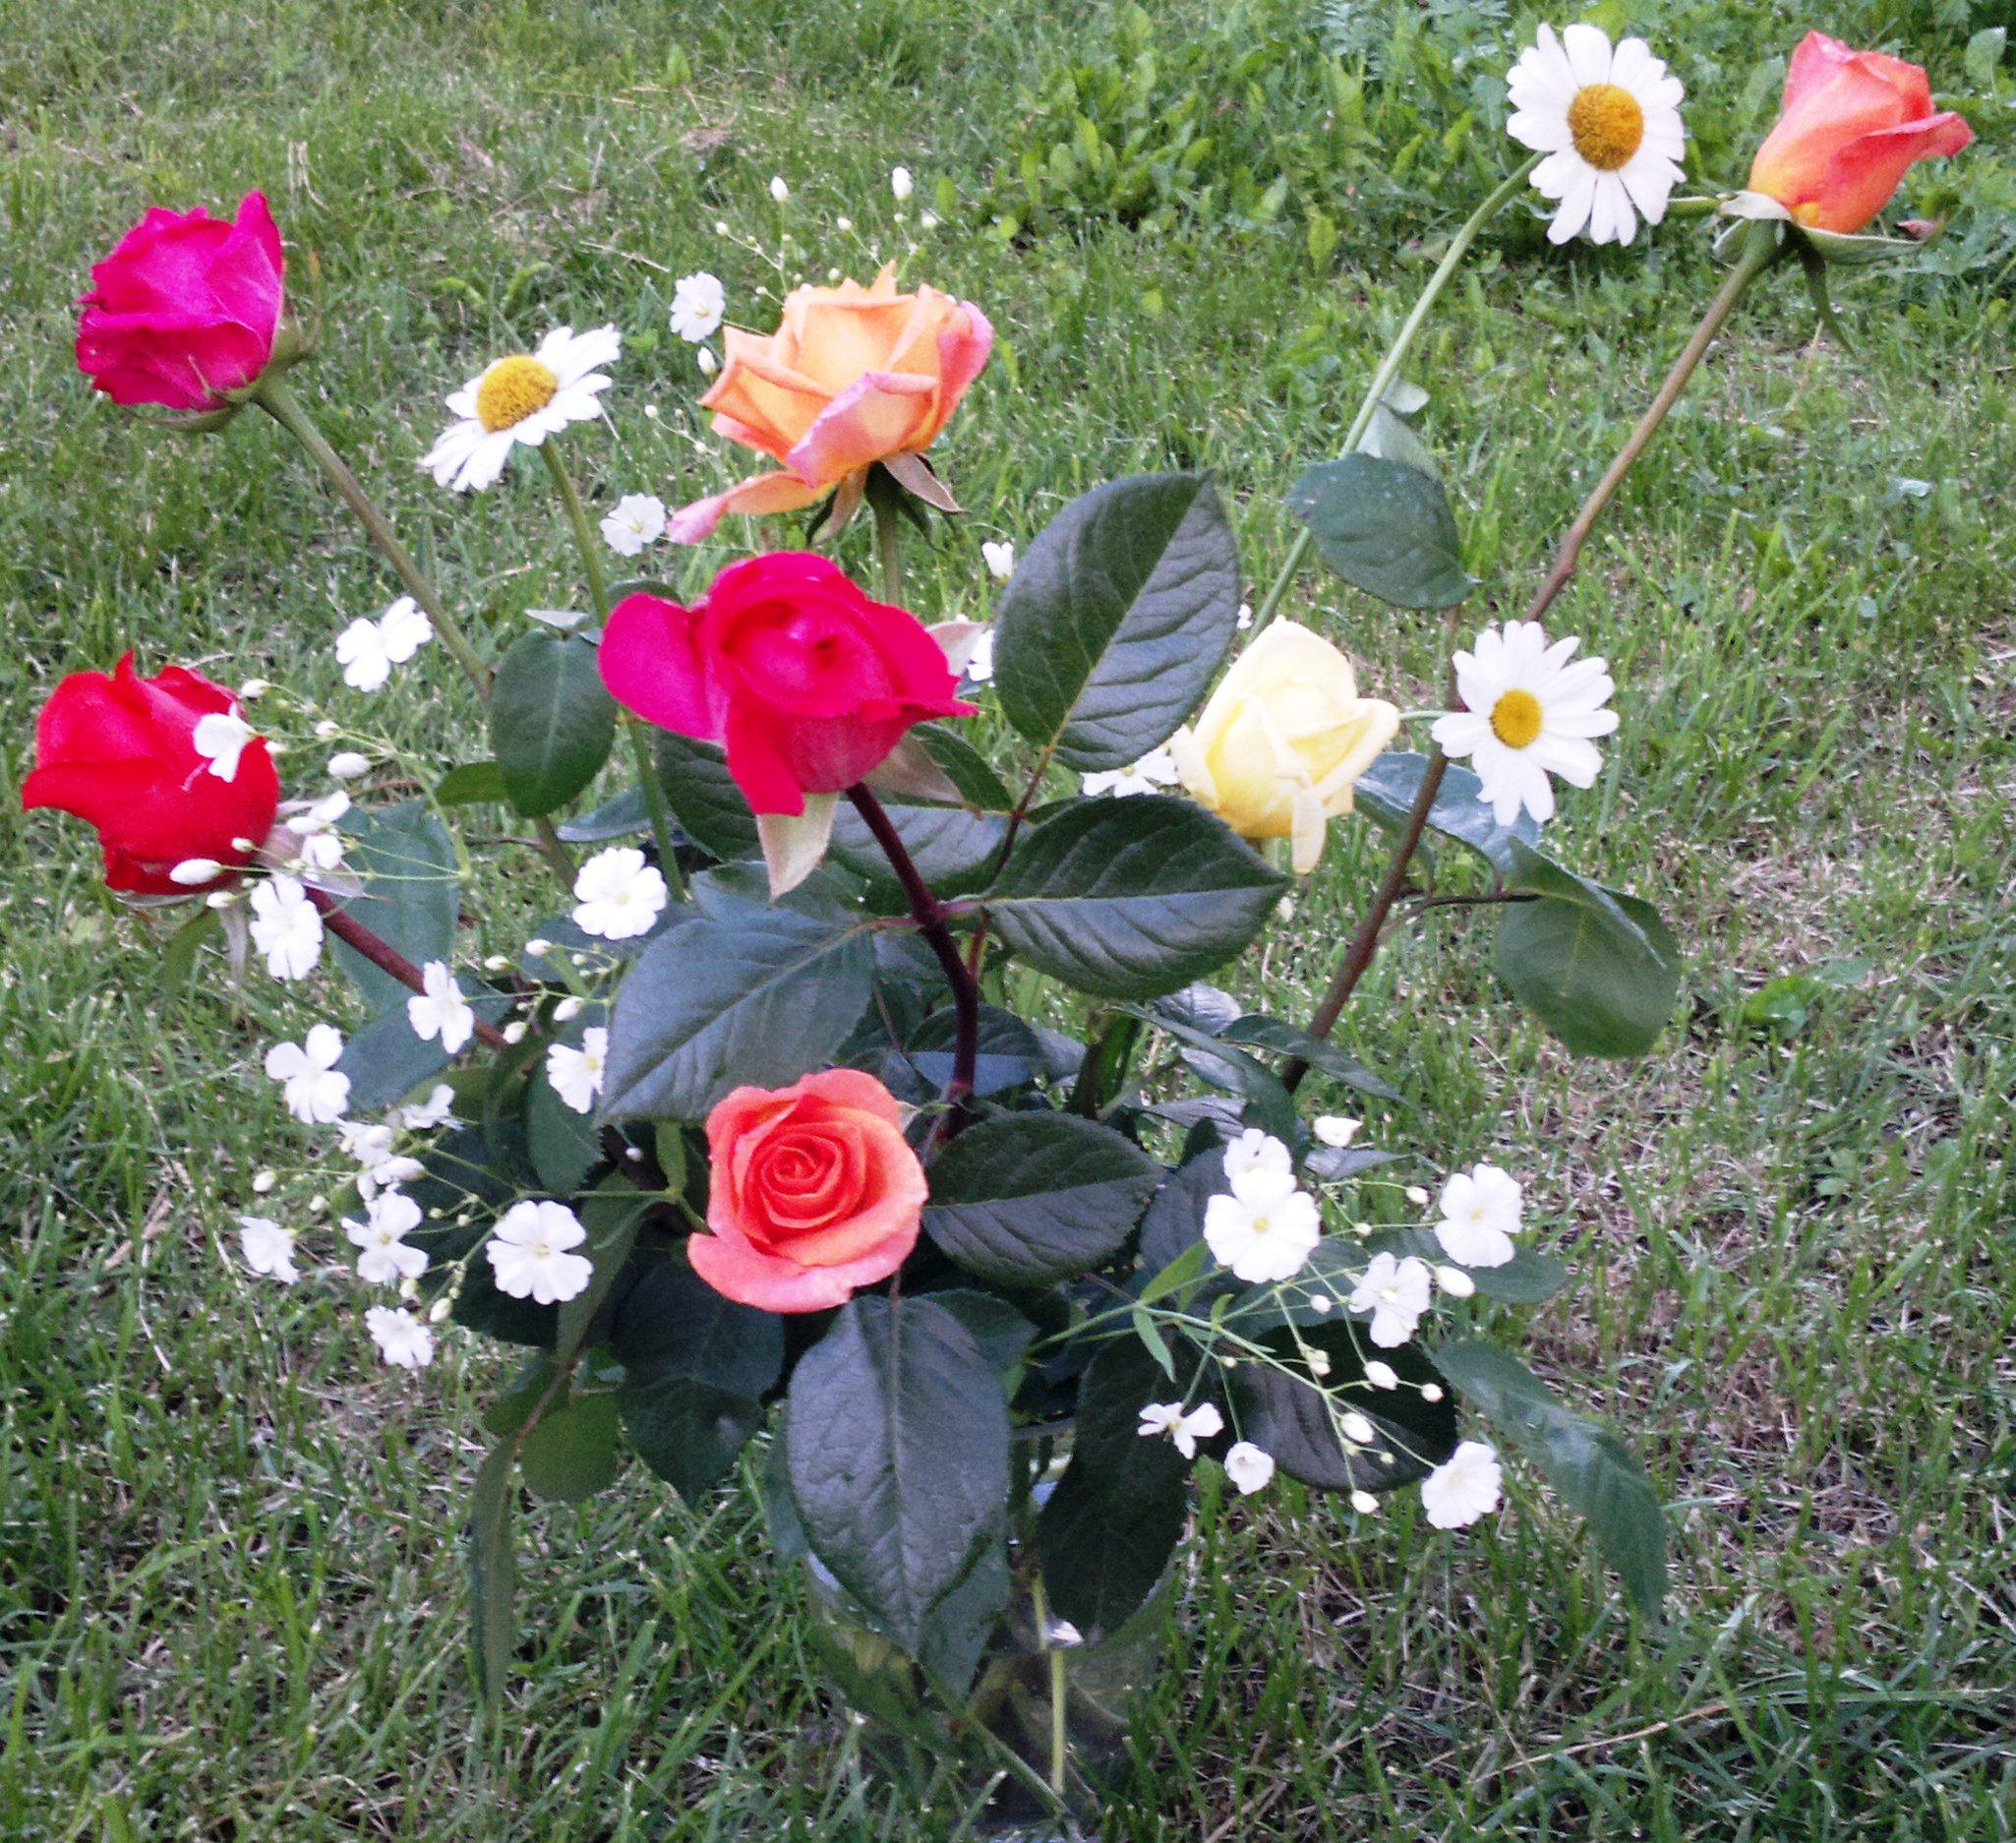 primul buchet de trandafiri 2012